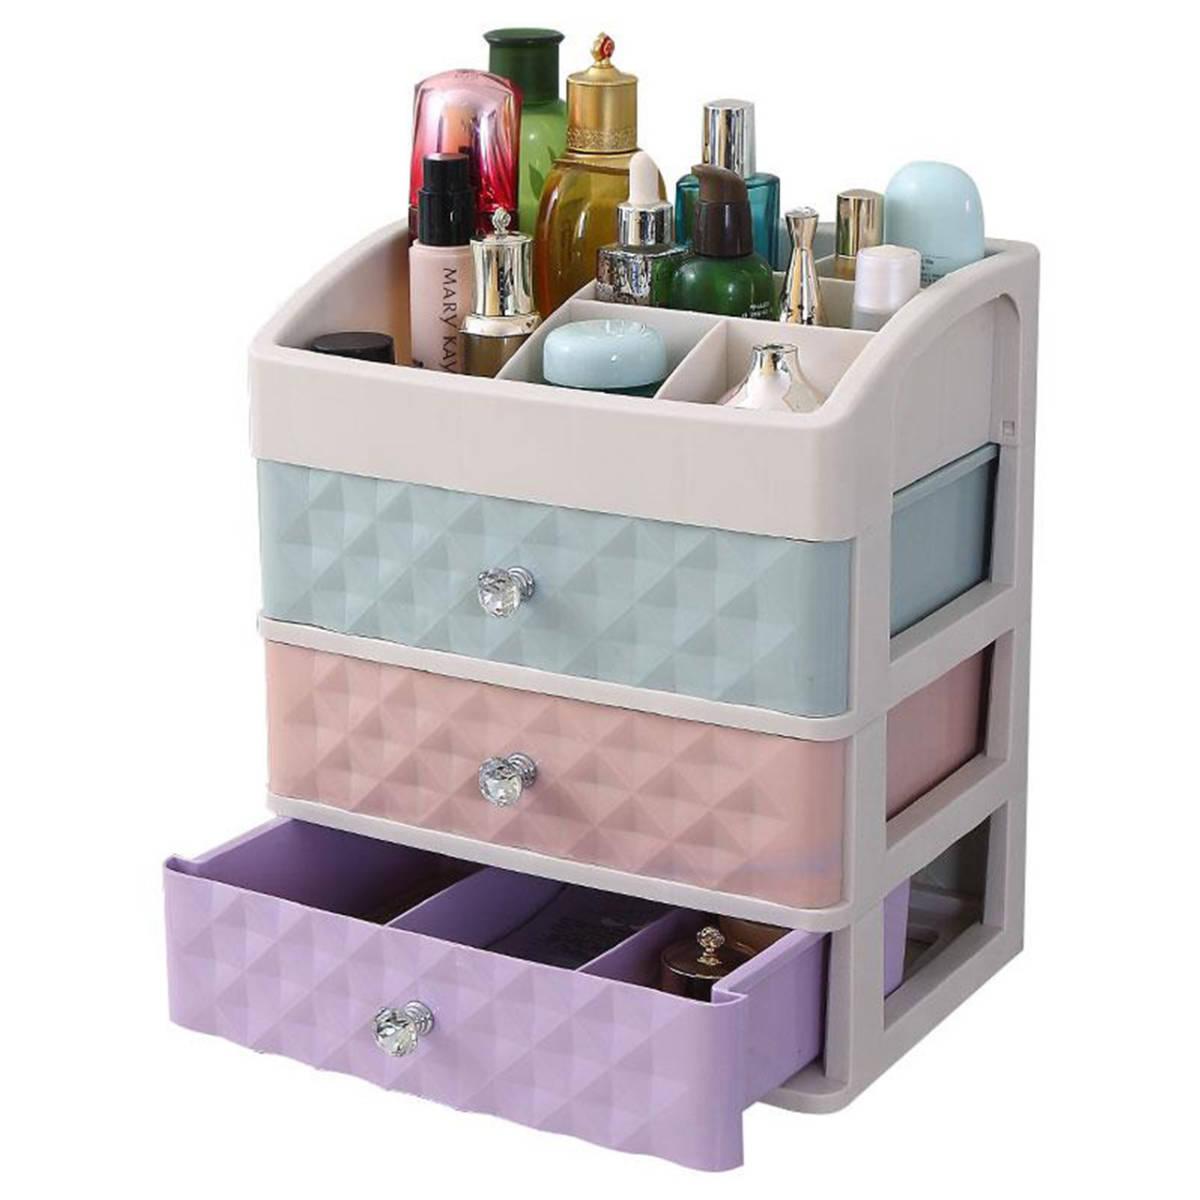 コスメボックス メイクボックス 化粧 収納ケース スタンド化粧品入れ 机上収納